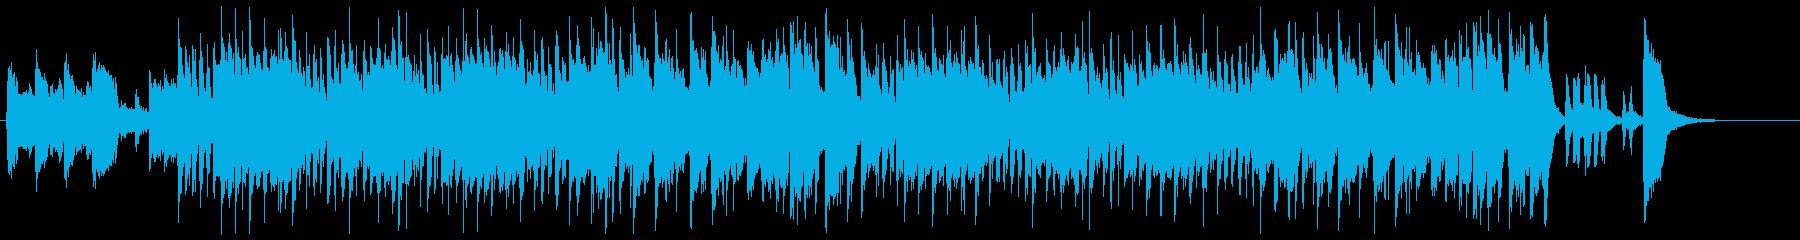 アップテンポでスリリングなブラス音楽の再生済みの波形